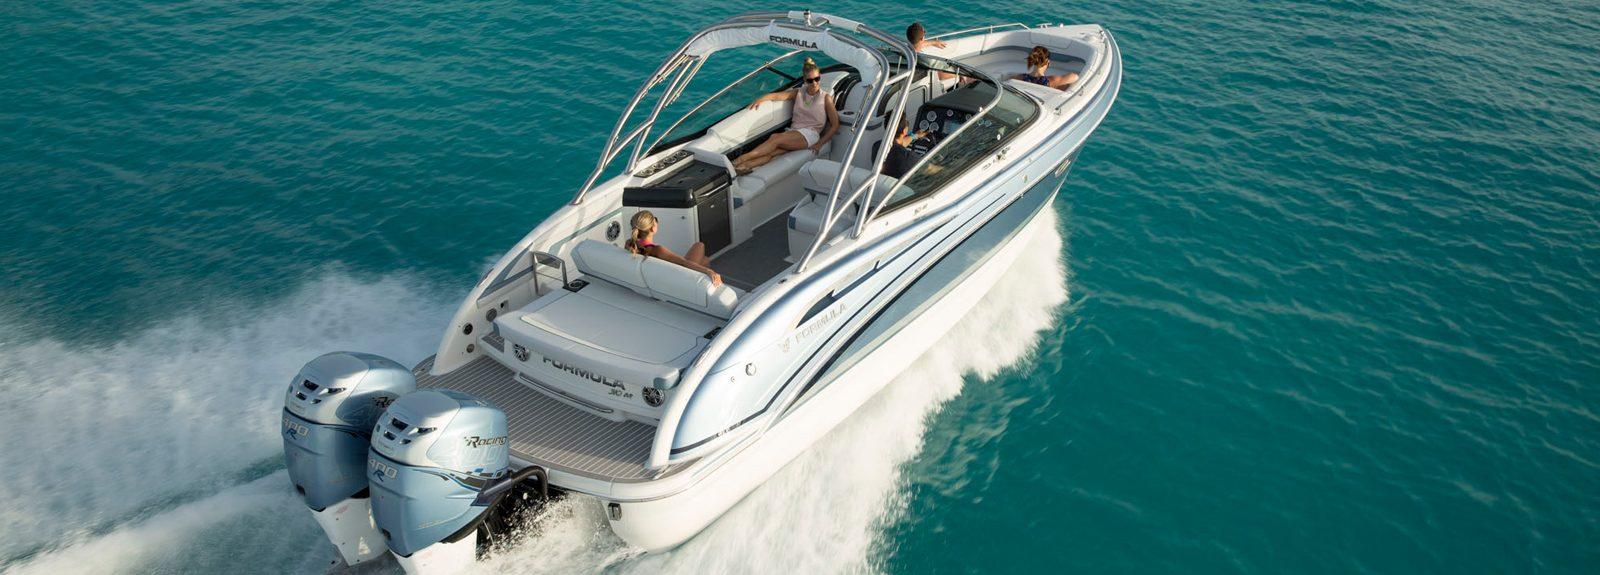 Formula luxury boat 310 BR